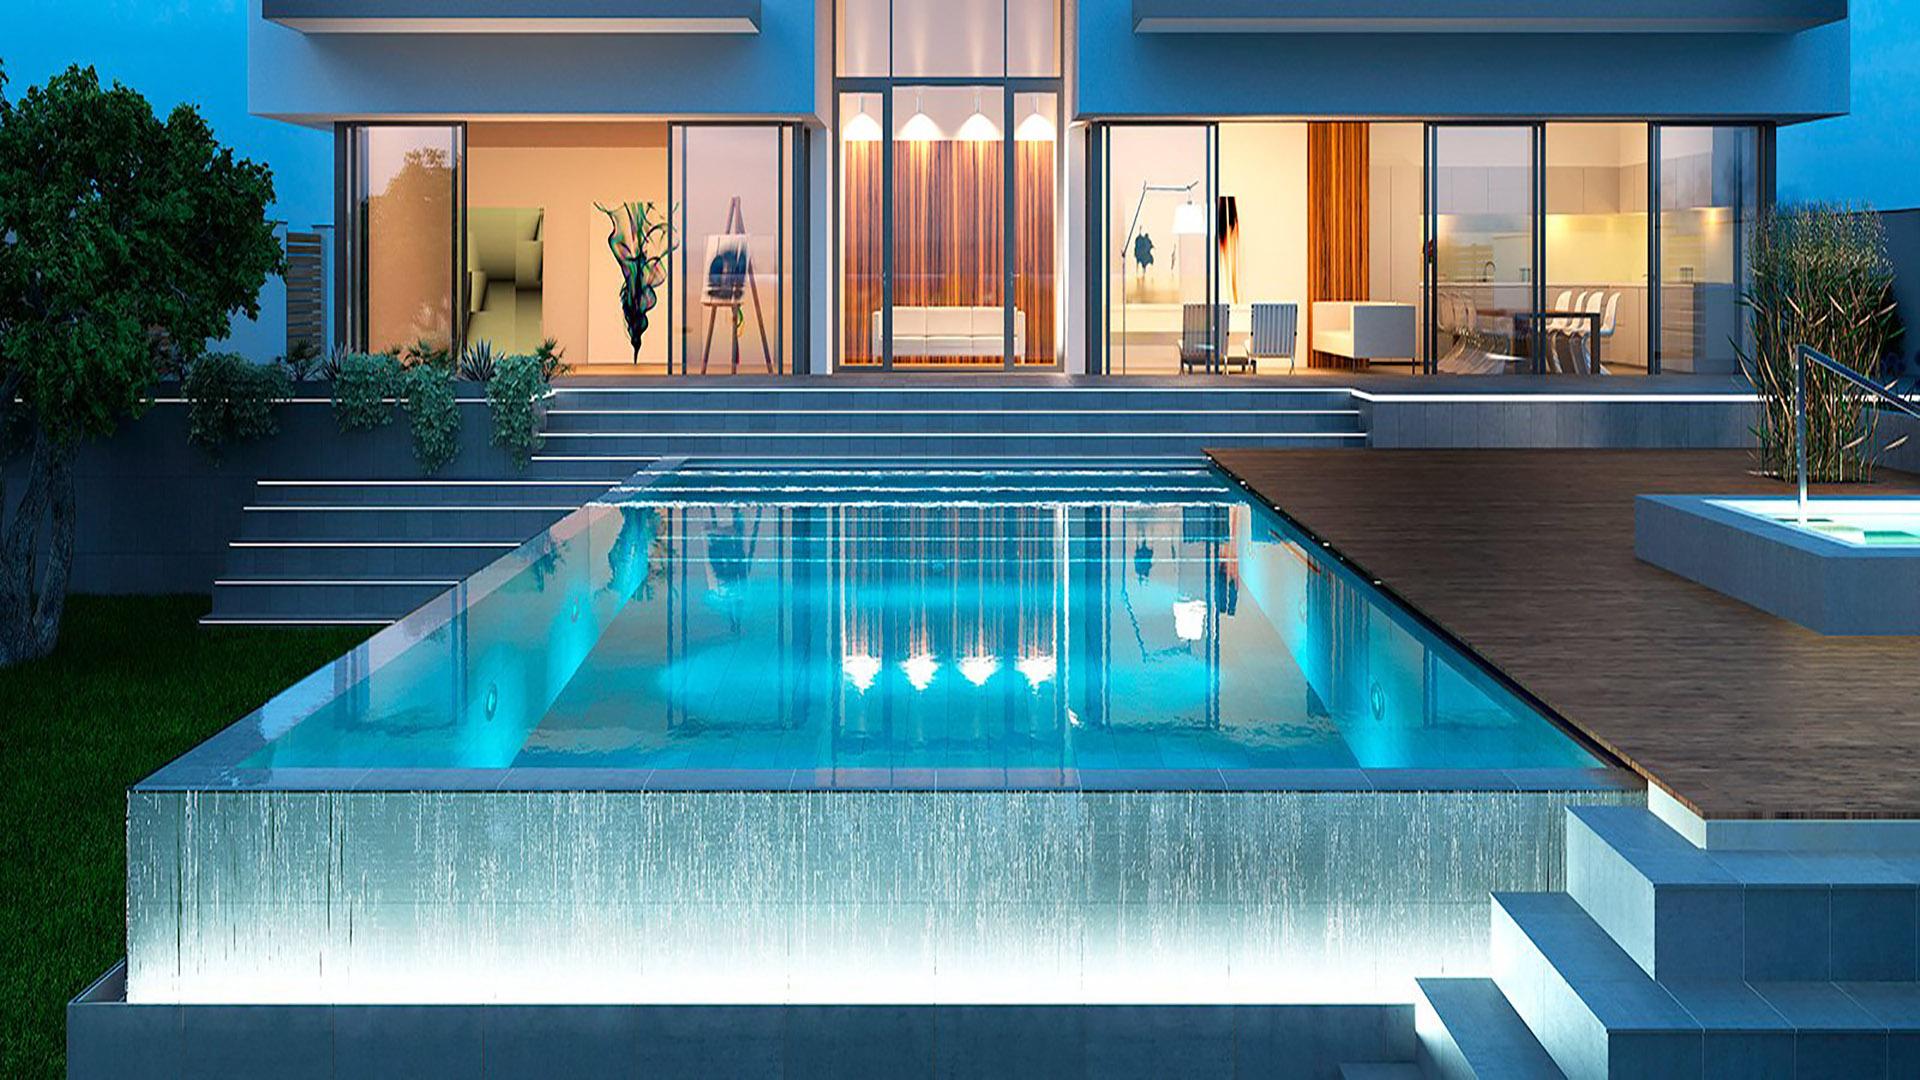 schwimmb der pools. Black Bedroom Furniture Sets. Home Design Ideas